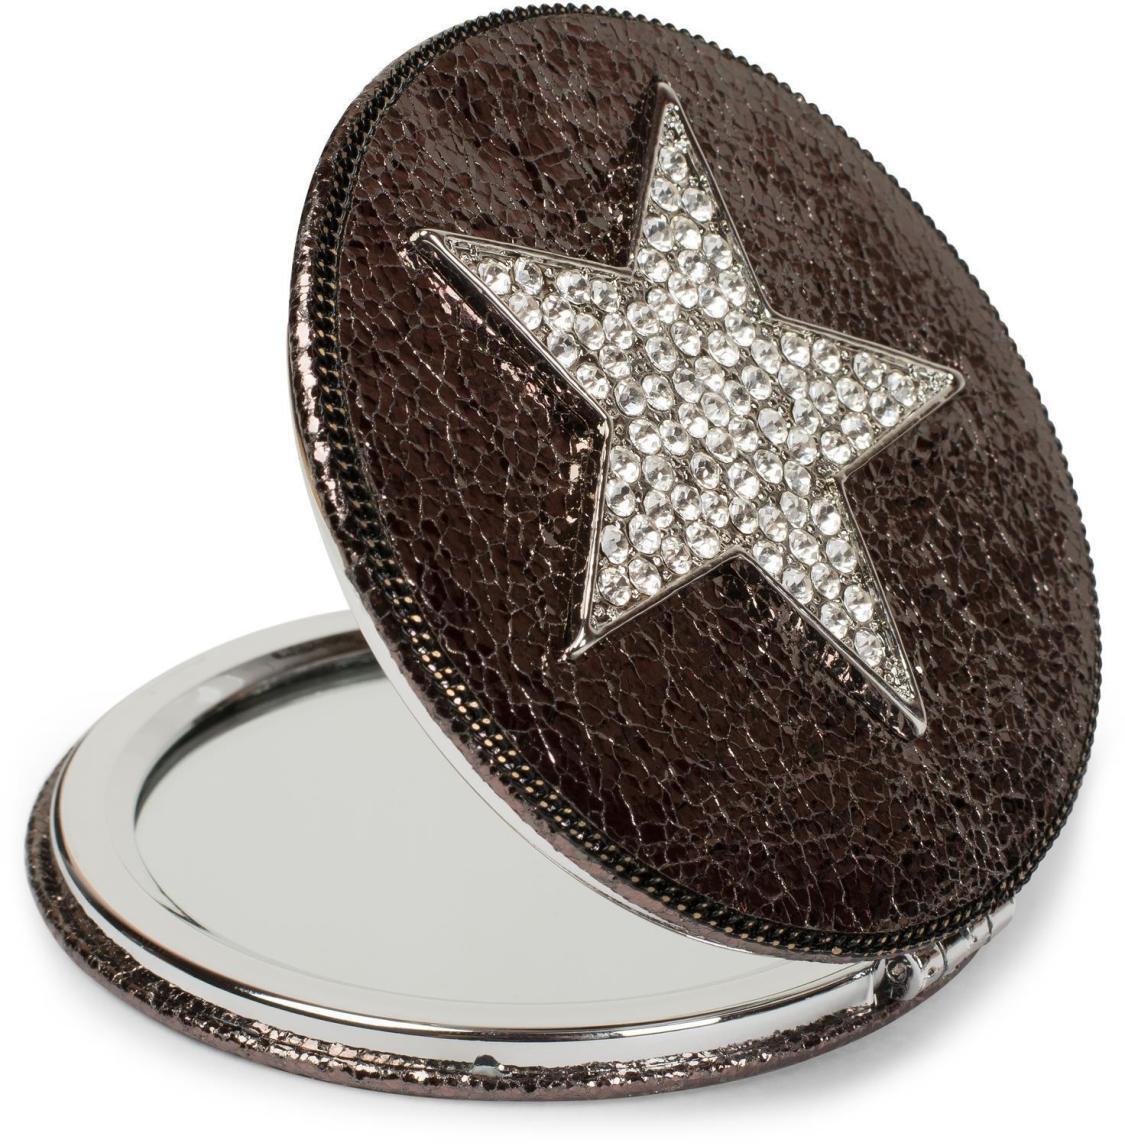 Taschenspiegel rund Strass Stern, Kette, 1X / 3X Vergrößerung, Kompaktspiegel